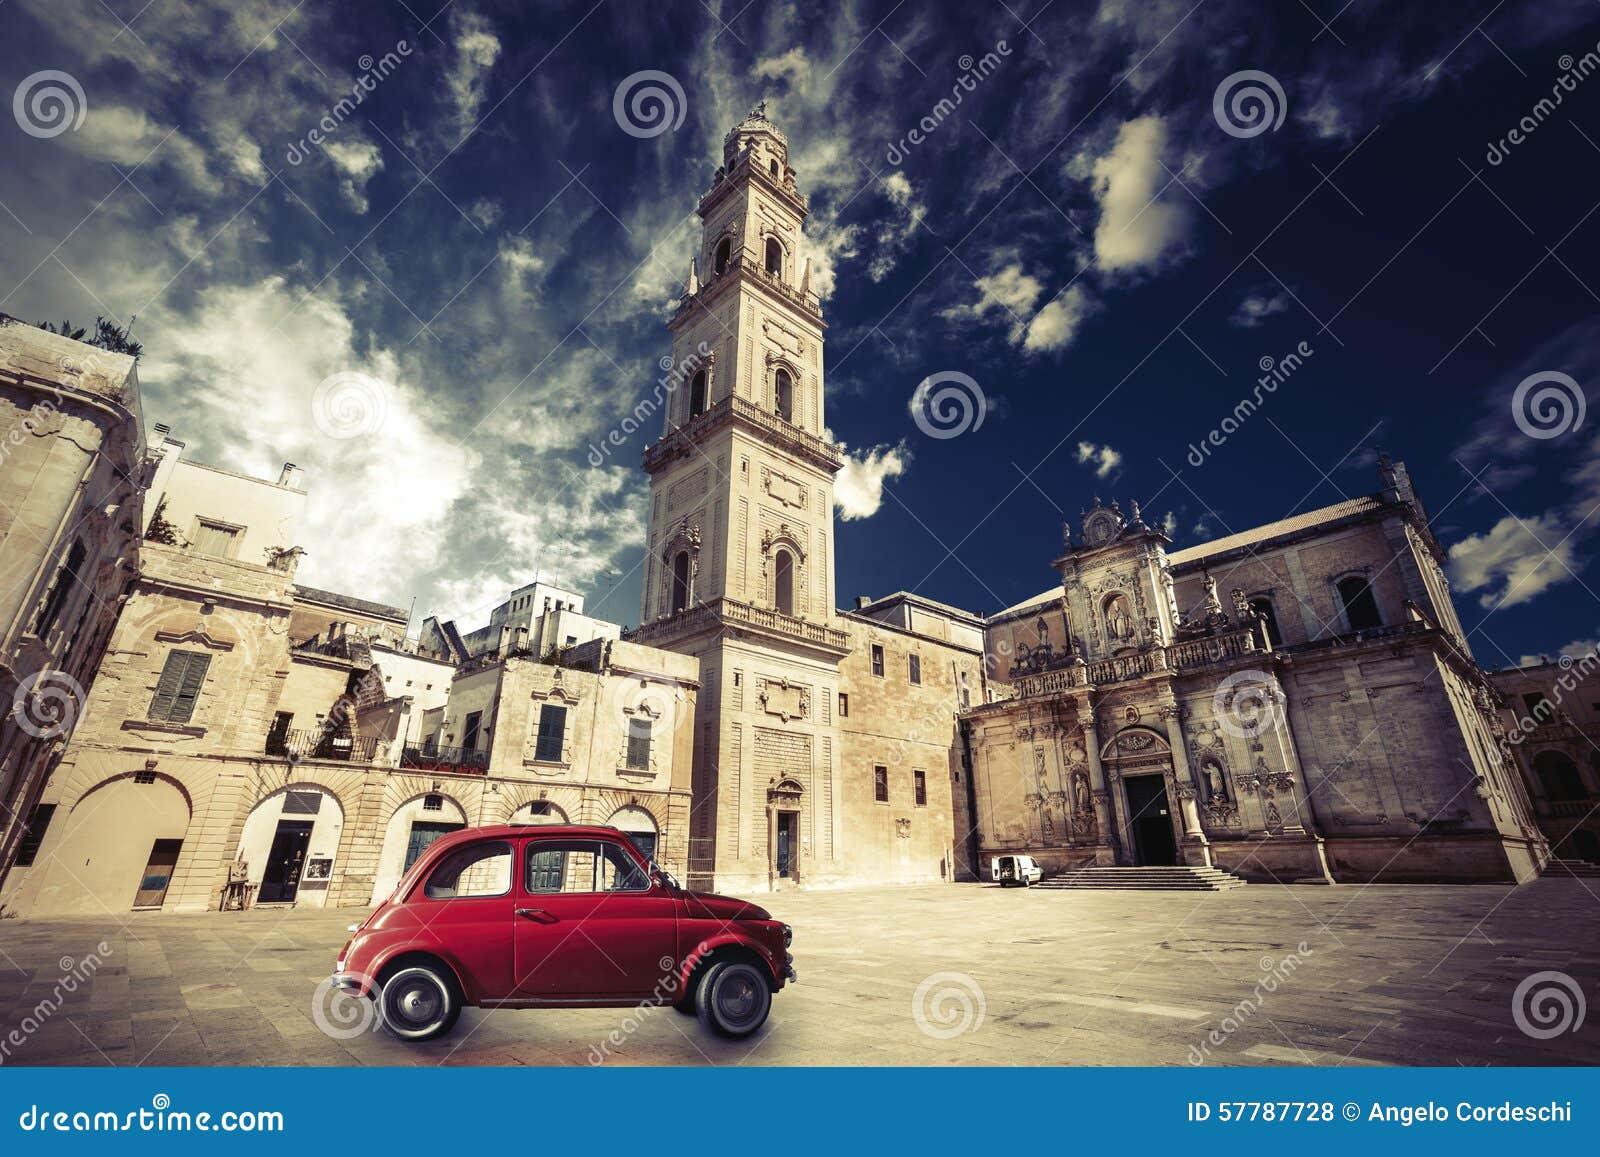 Винтажная итальянская сцена, старая церковь с колокольней и старый малый красный автомобиль